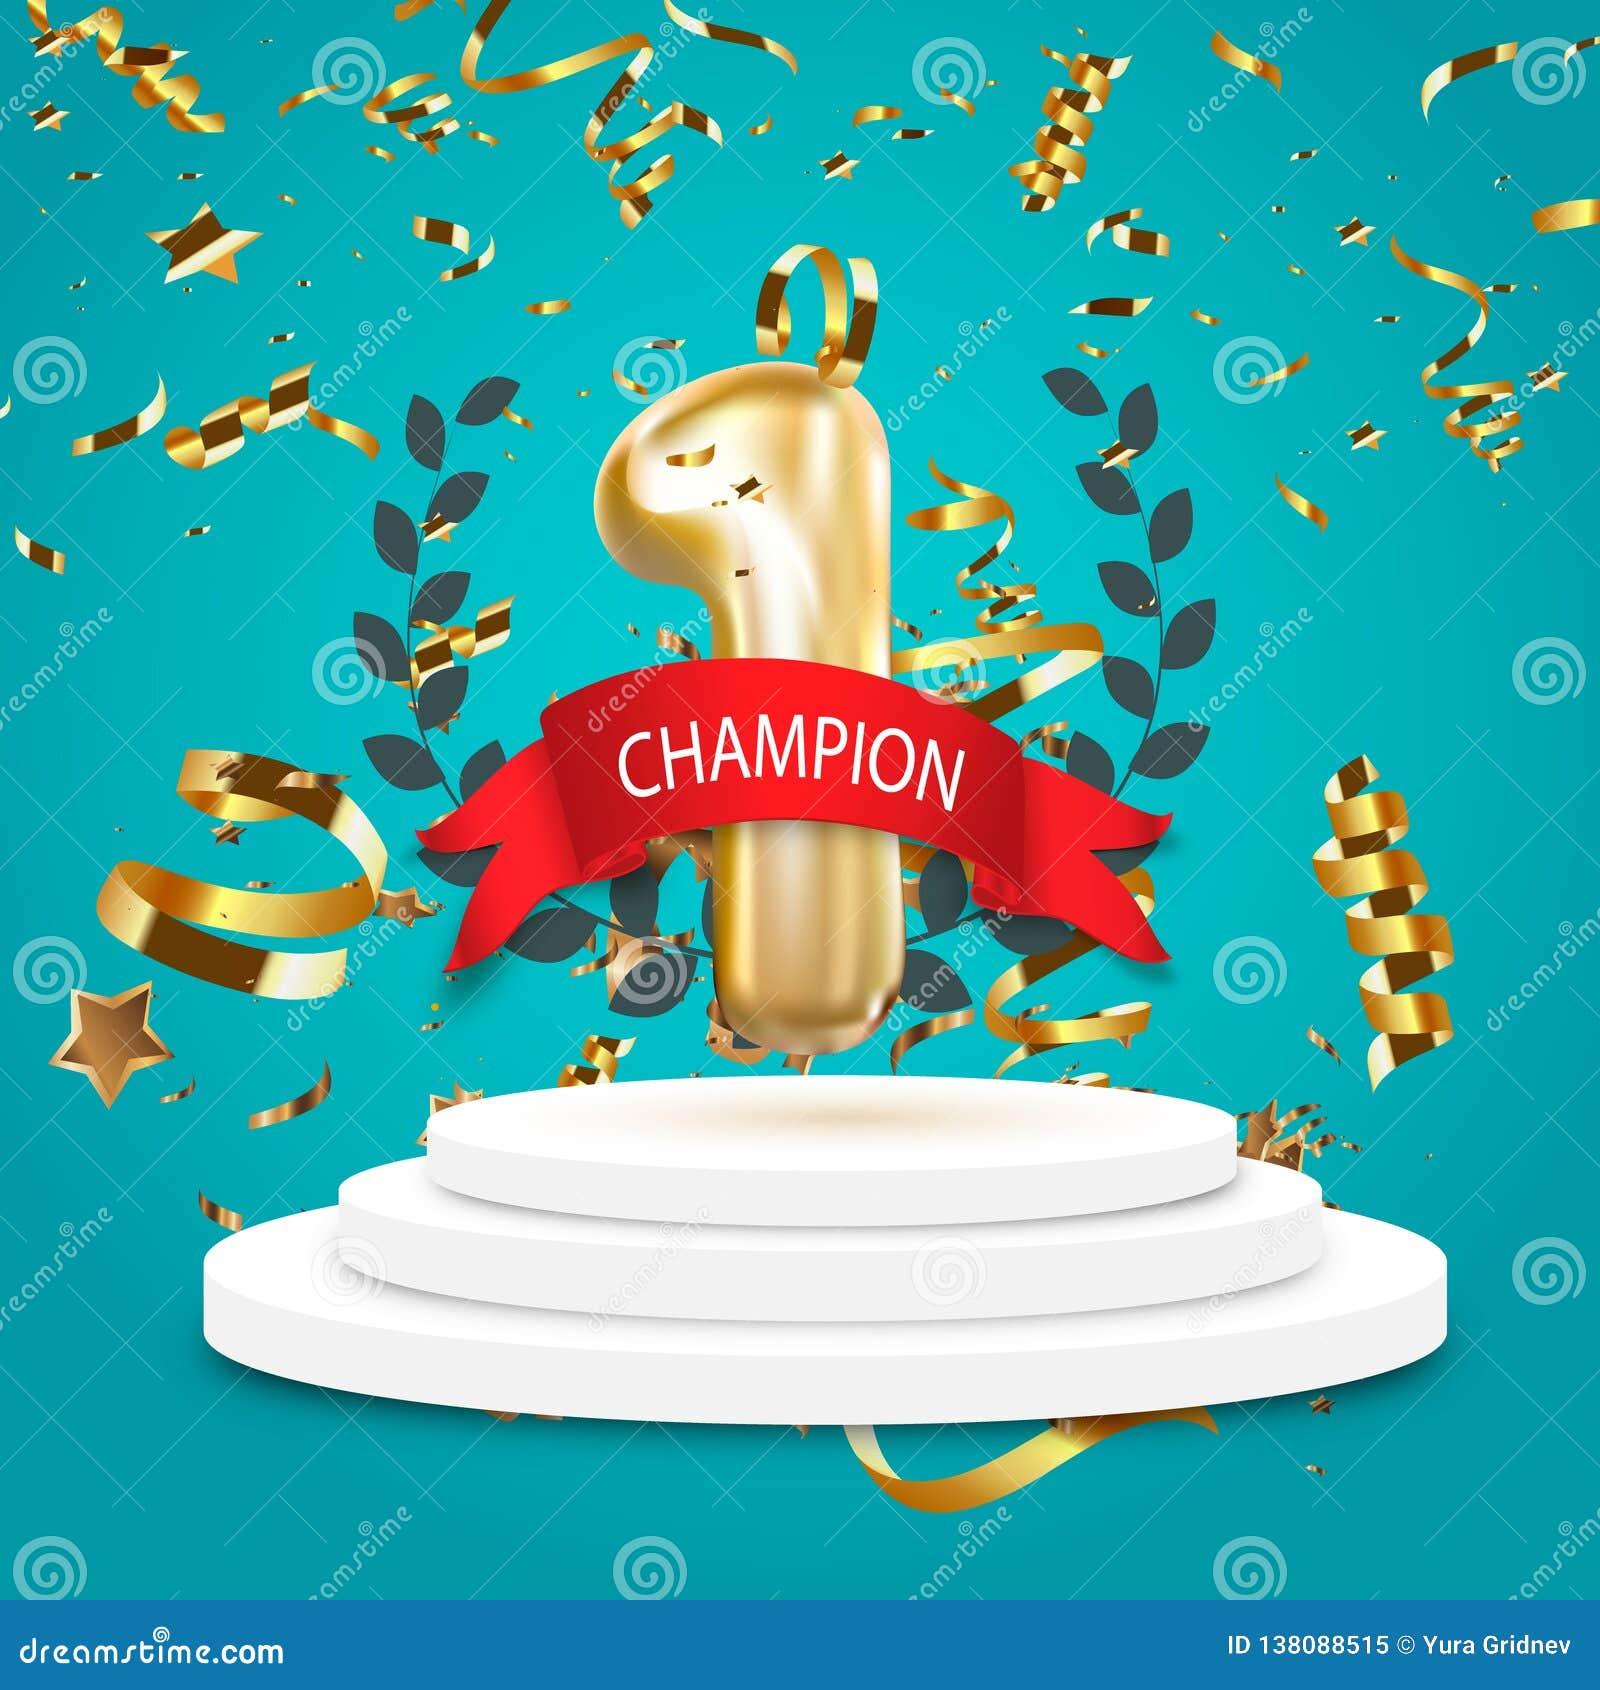 Kampioen, winnaar, nummer één achtergrond met rood lint, olijftak en confettien op rond die voetstuk op blauw wordt geïsoleerd Af